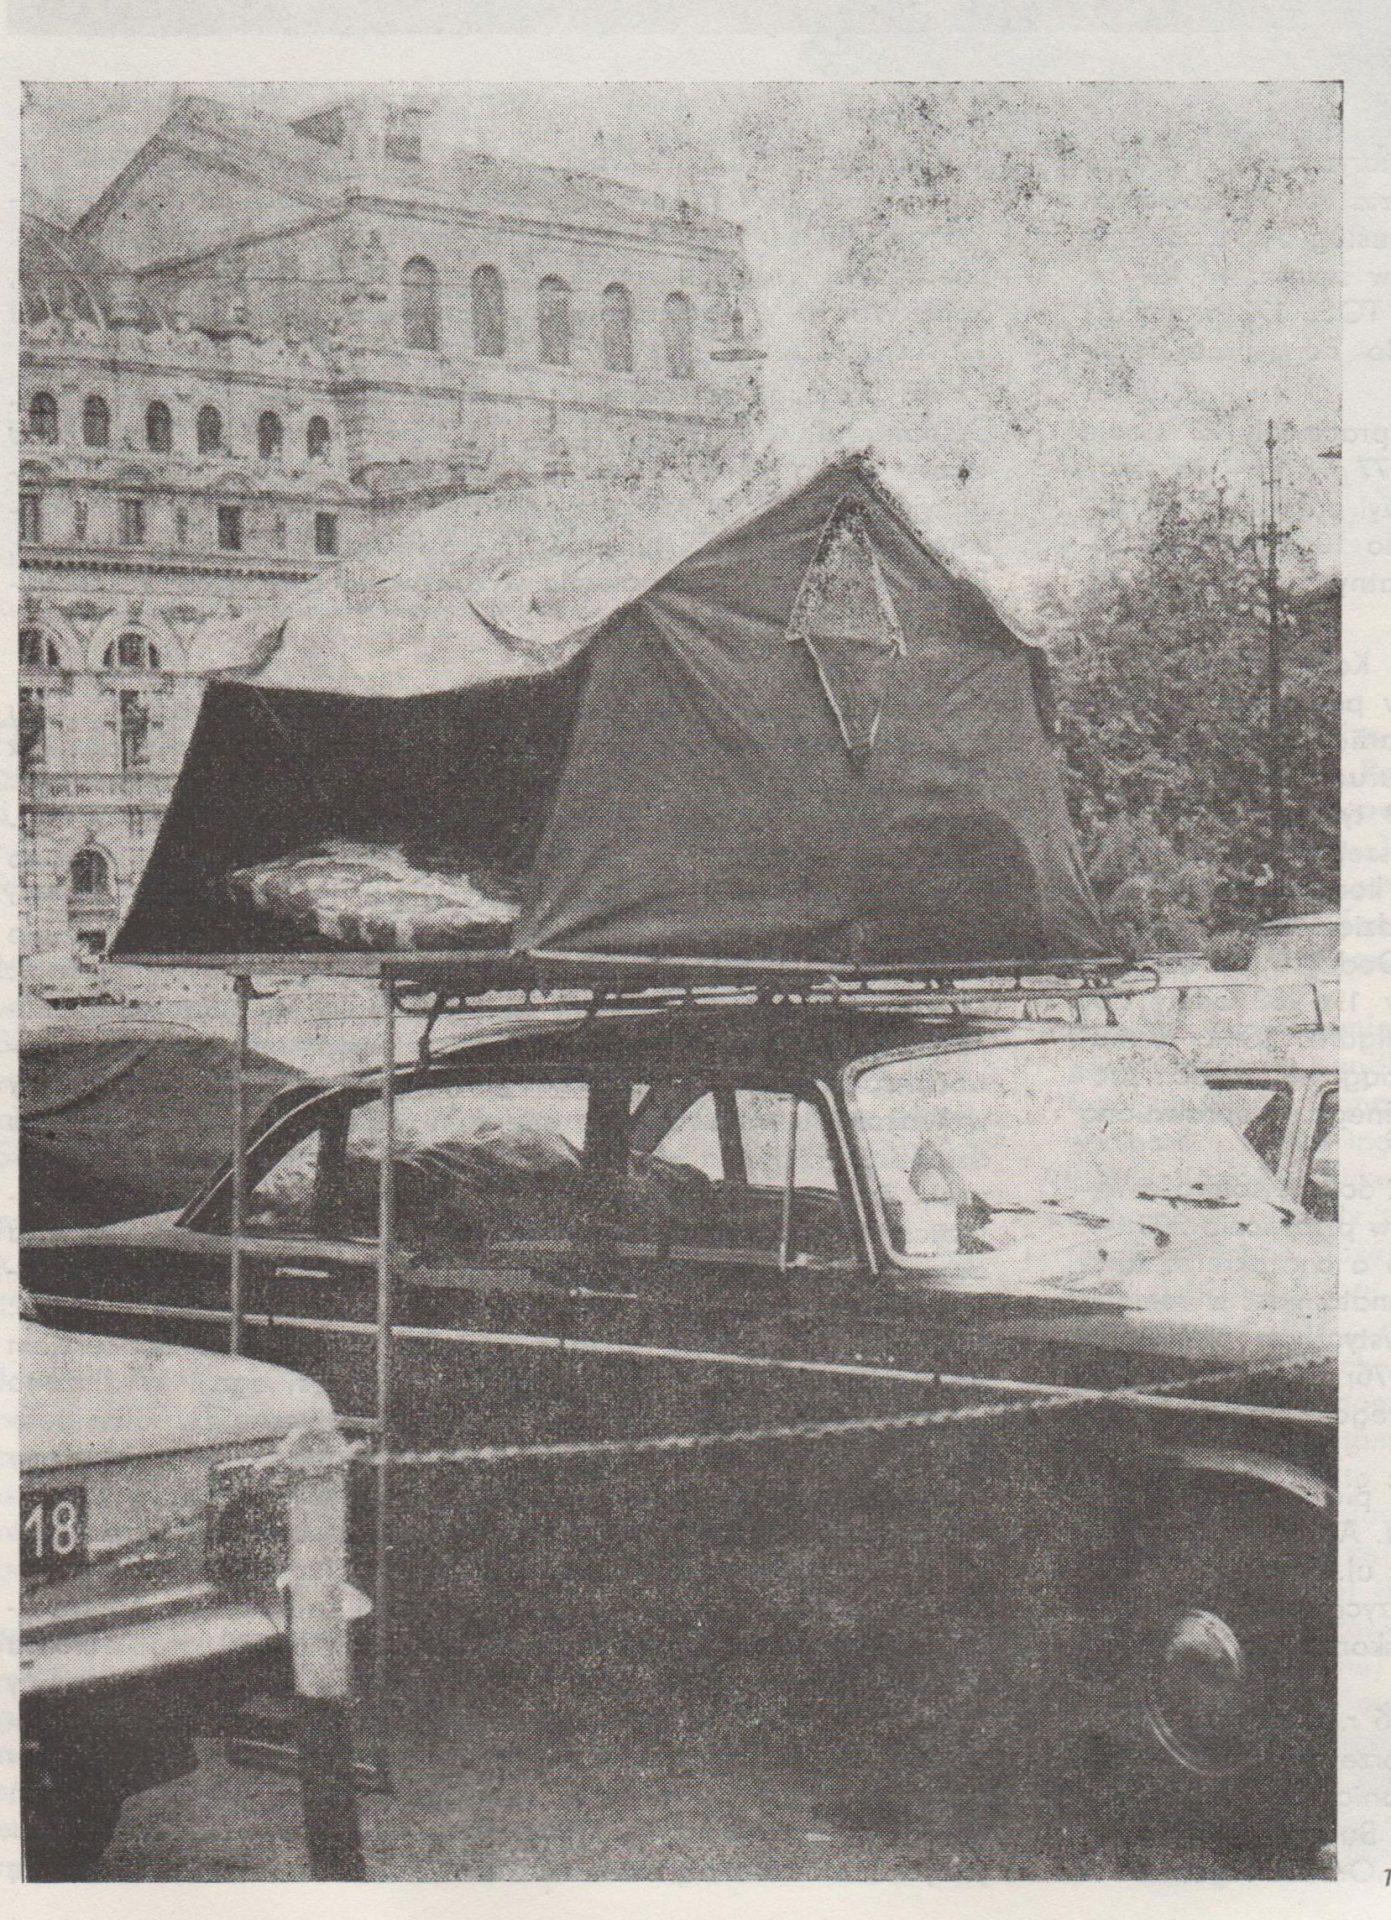 Zdjęcie podpisano: Tego turysty nie zaskoczy brak noclegów w Krakowie. Źródło: Kronika Krakowa 1976/1977.